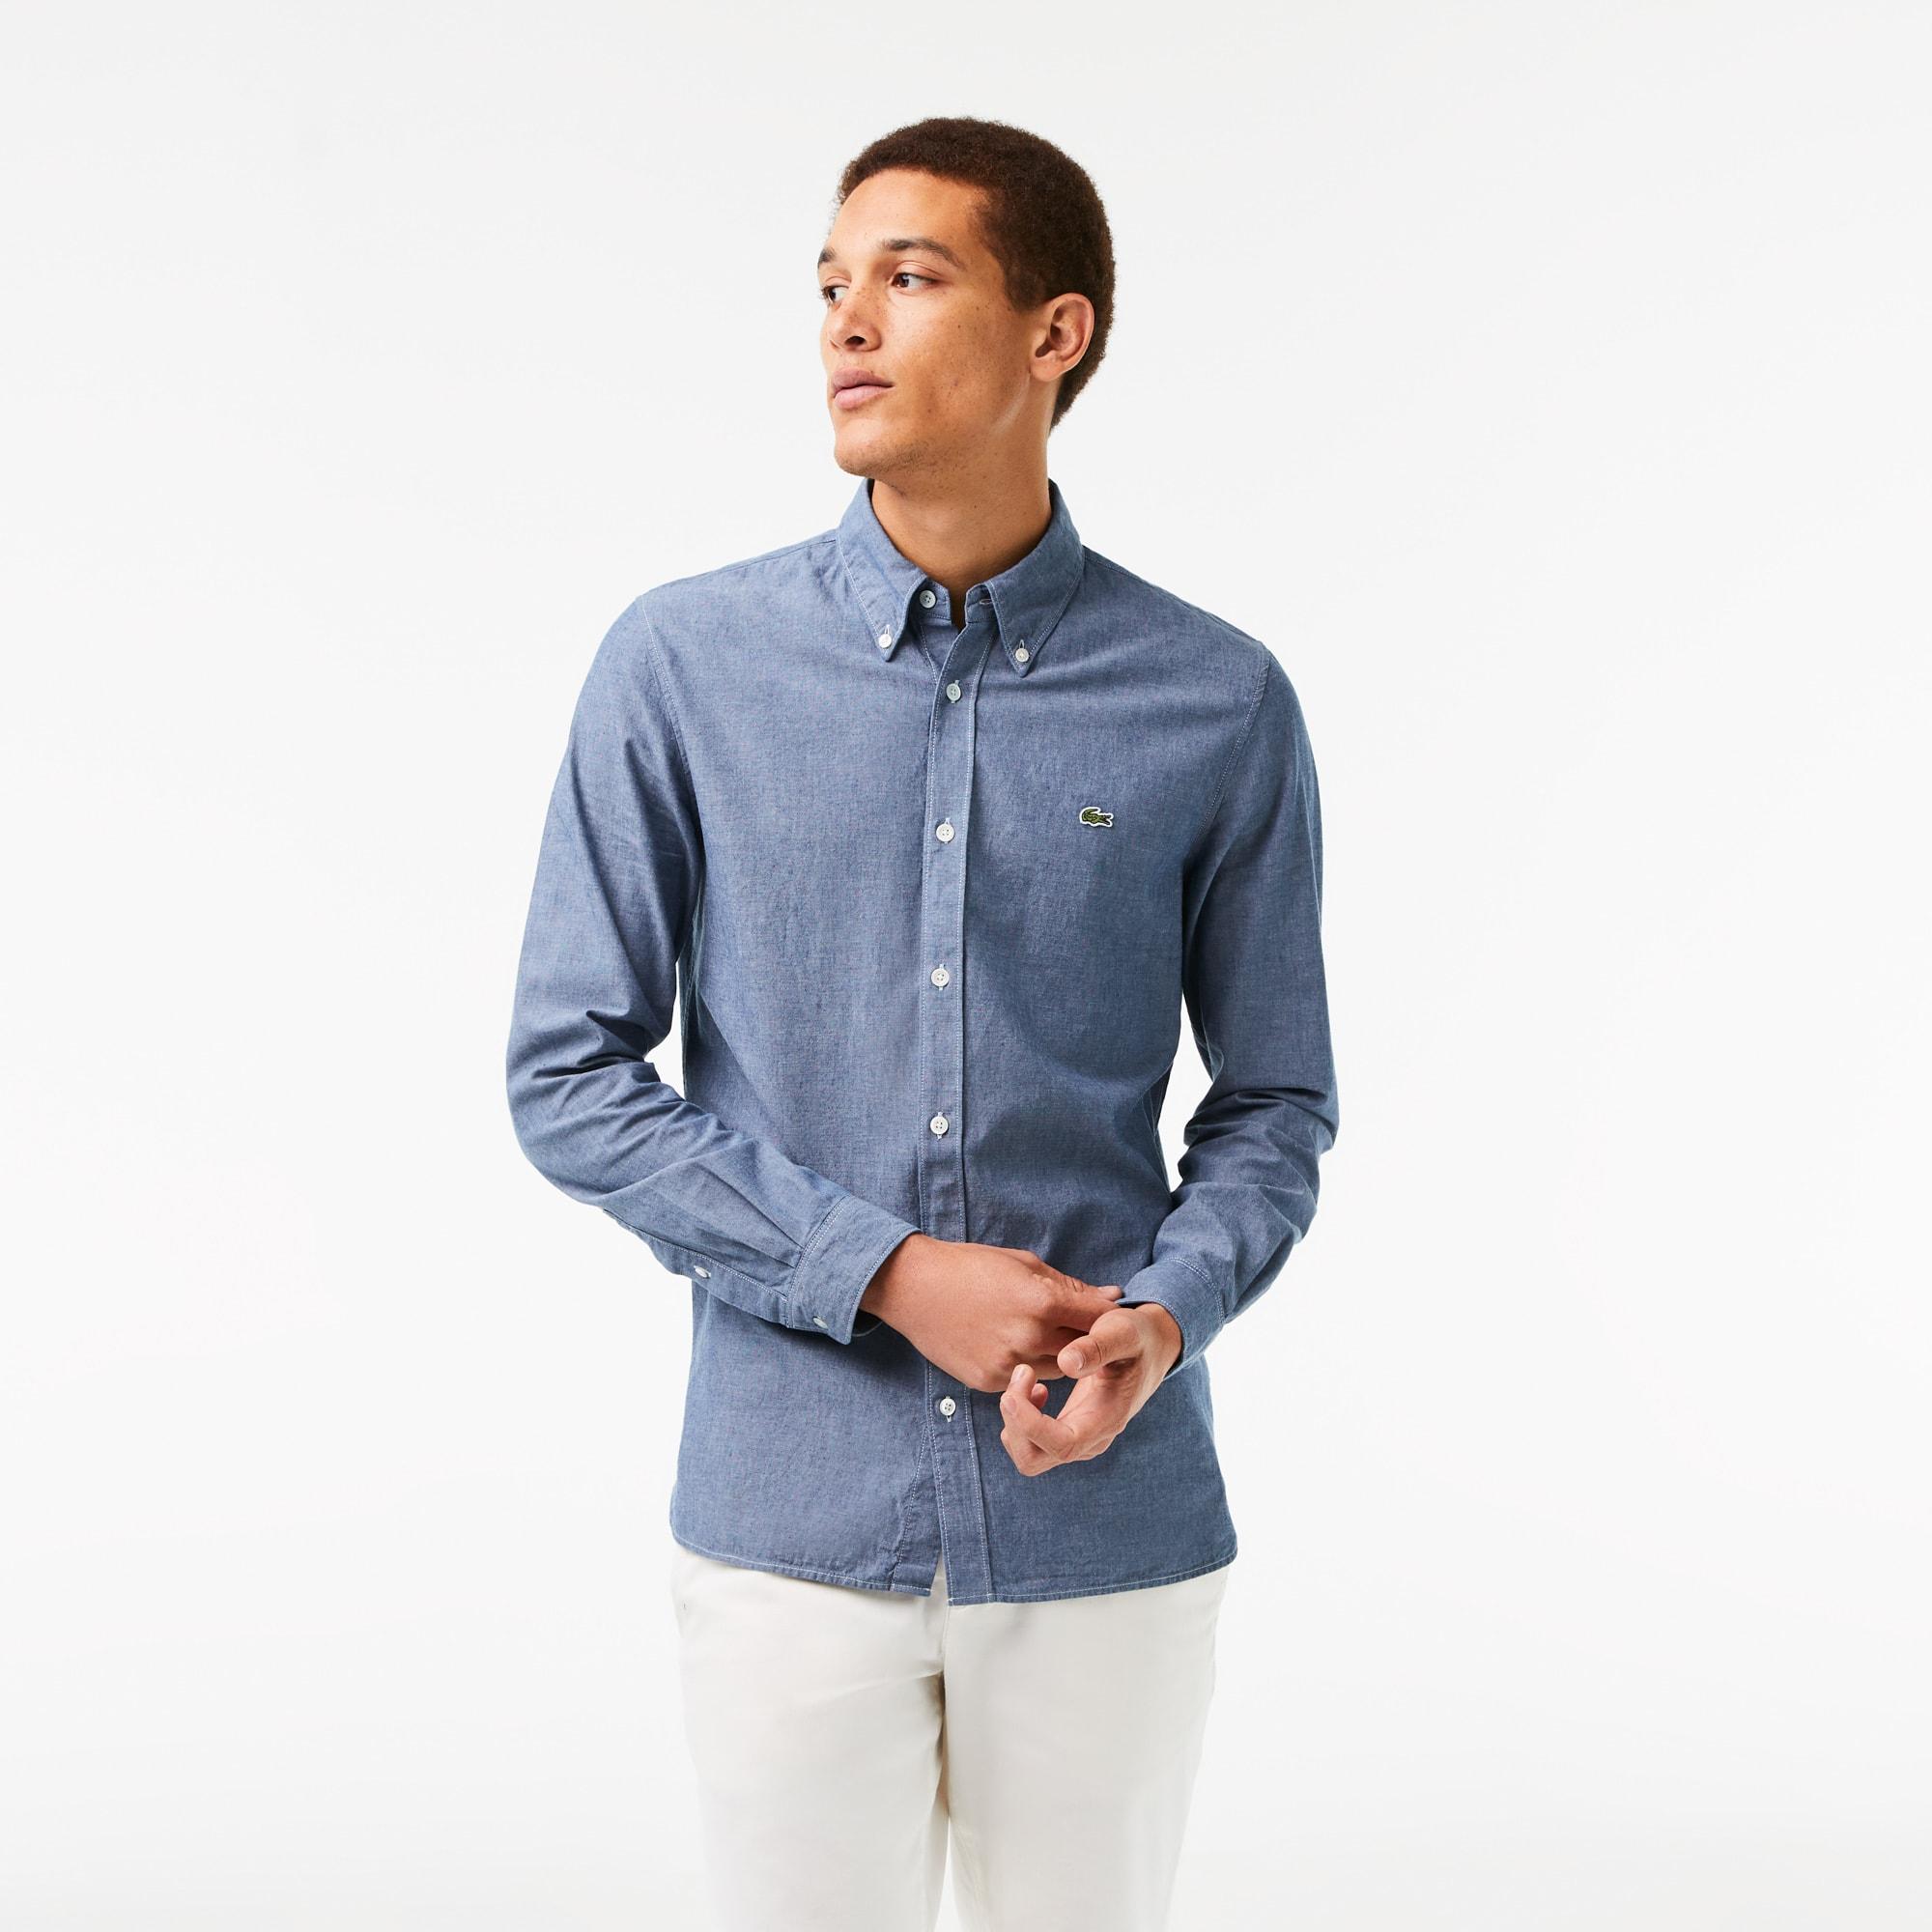 라코스테 맨 슬림핏 샴브레이 셔츠 Lacoste Mens Slim Fit Cotton Chambray Shirt